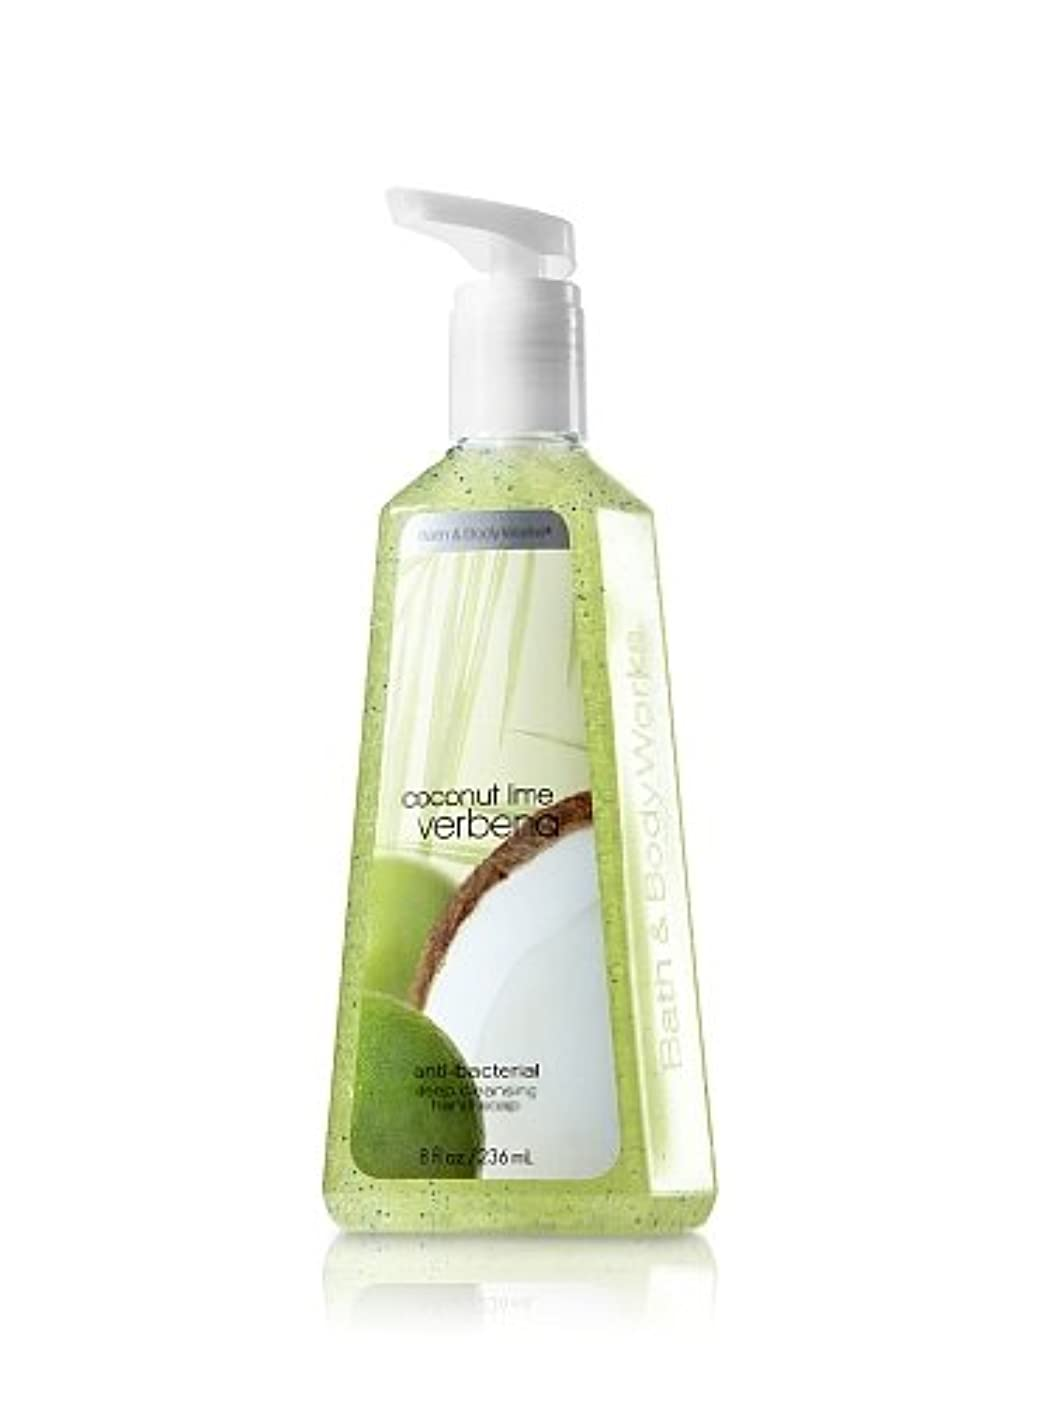 リビングルームディベート画像バス&ボディワークス ココナッツライムバーベナ ディープクレンジングハンドソープ Coconut Lime Verbena Deep Cleansing Hand Soap [海外直送品]